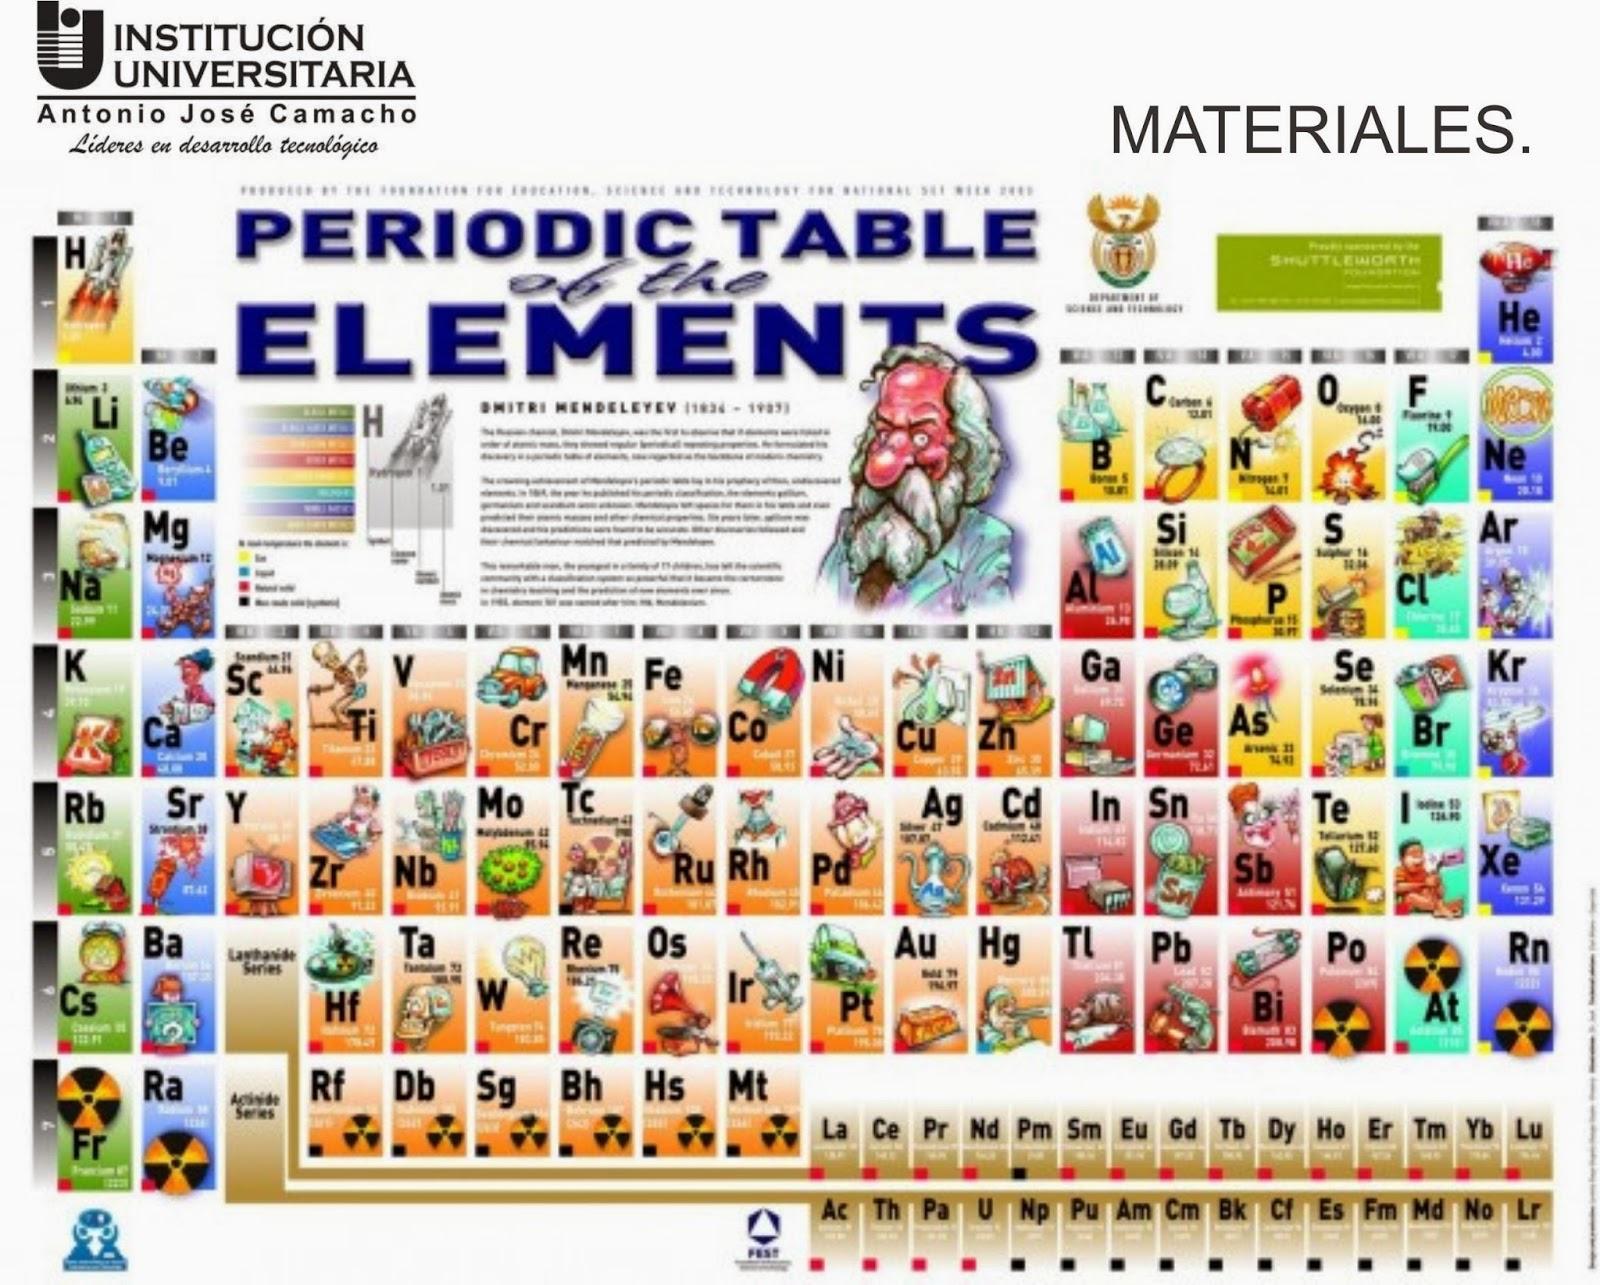 Qumica y fsica con altagracia 2017 activiades de refuerzo unidad cero urtaz Choice Image